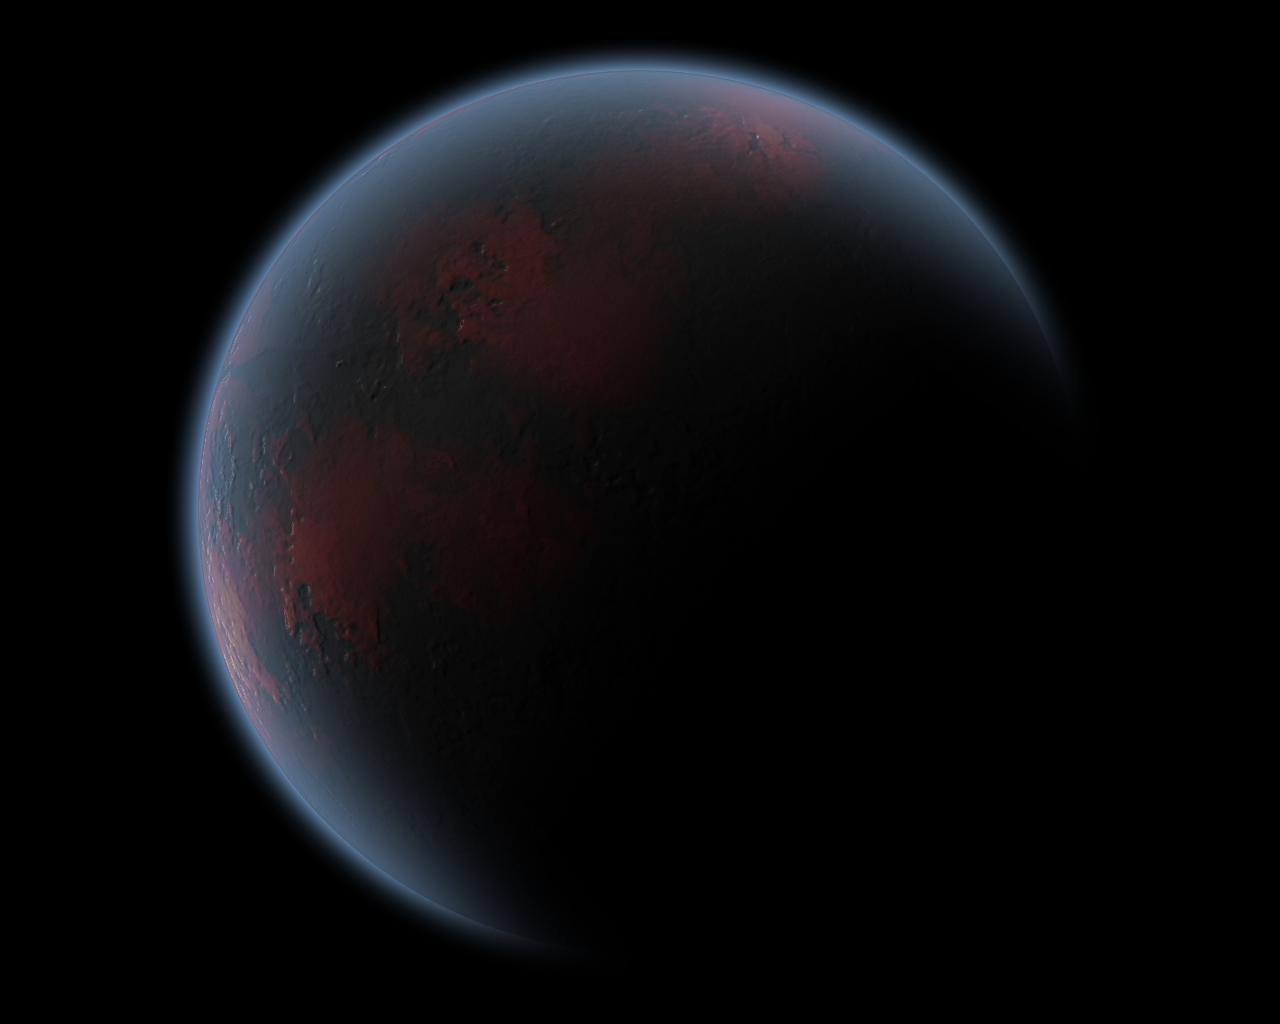 wizualizacja ciemnej planety o czerwonym zabarwieniu